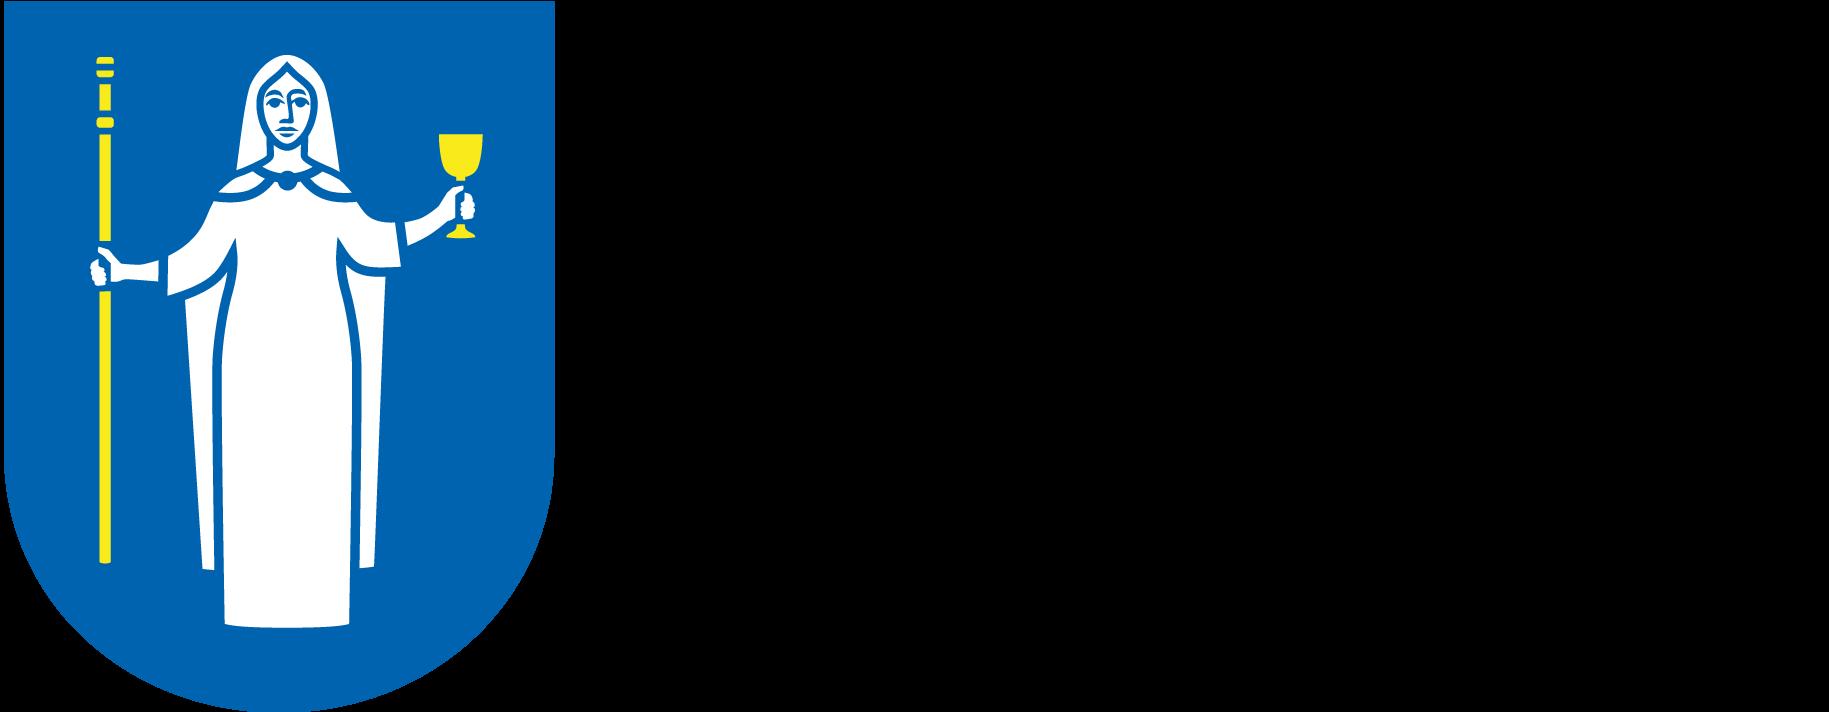 Kungsbacka Kommun